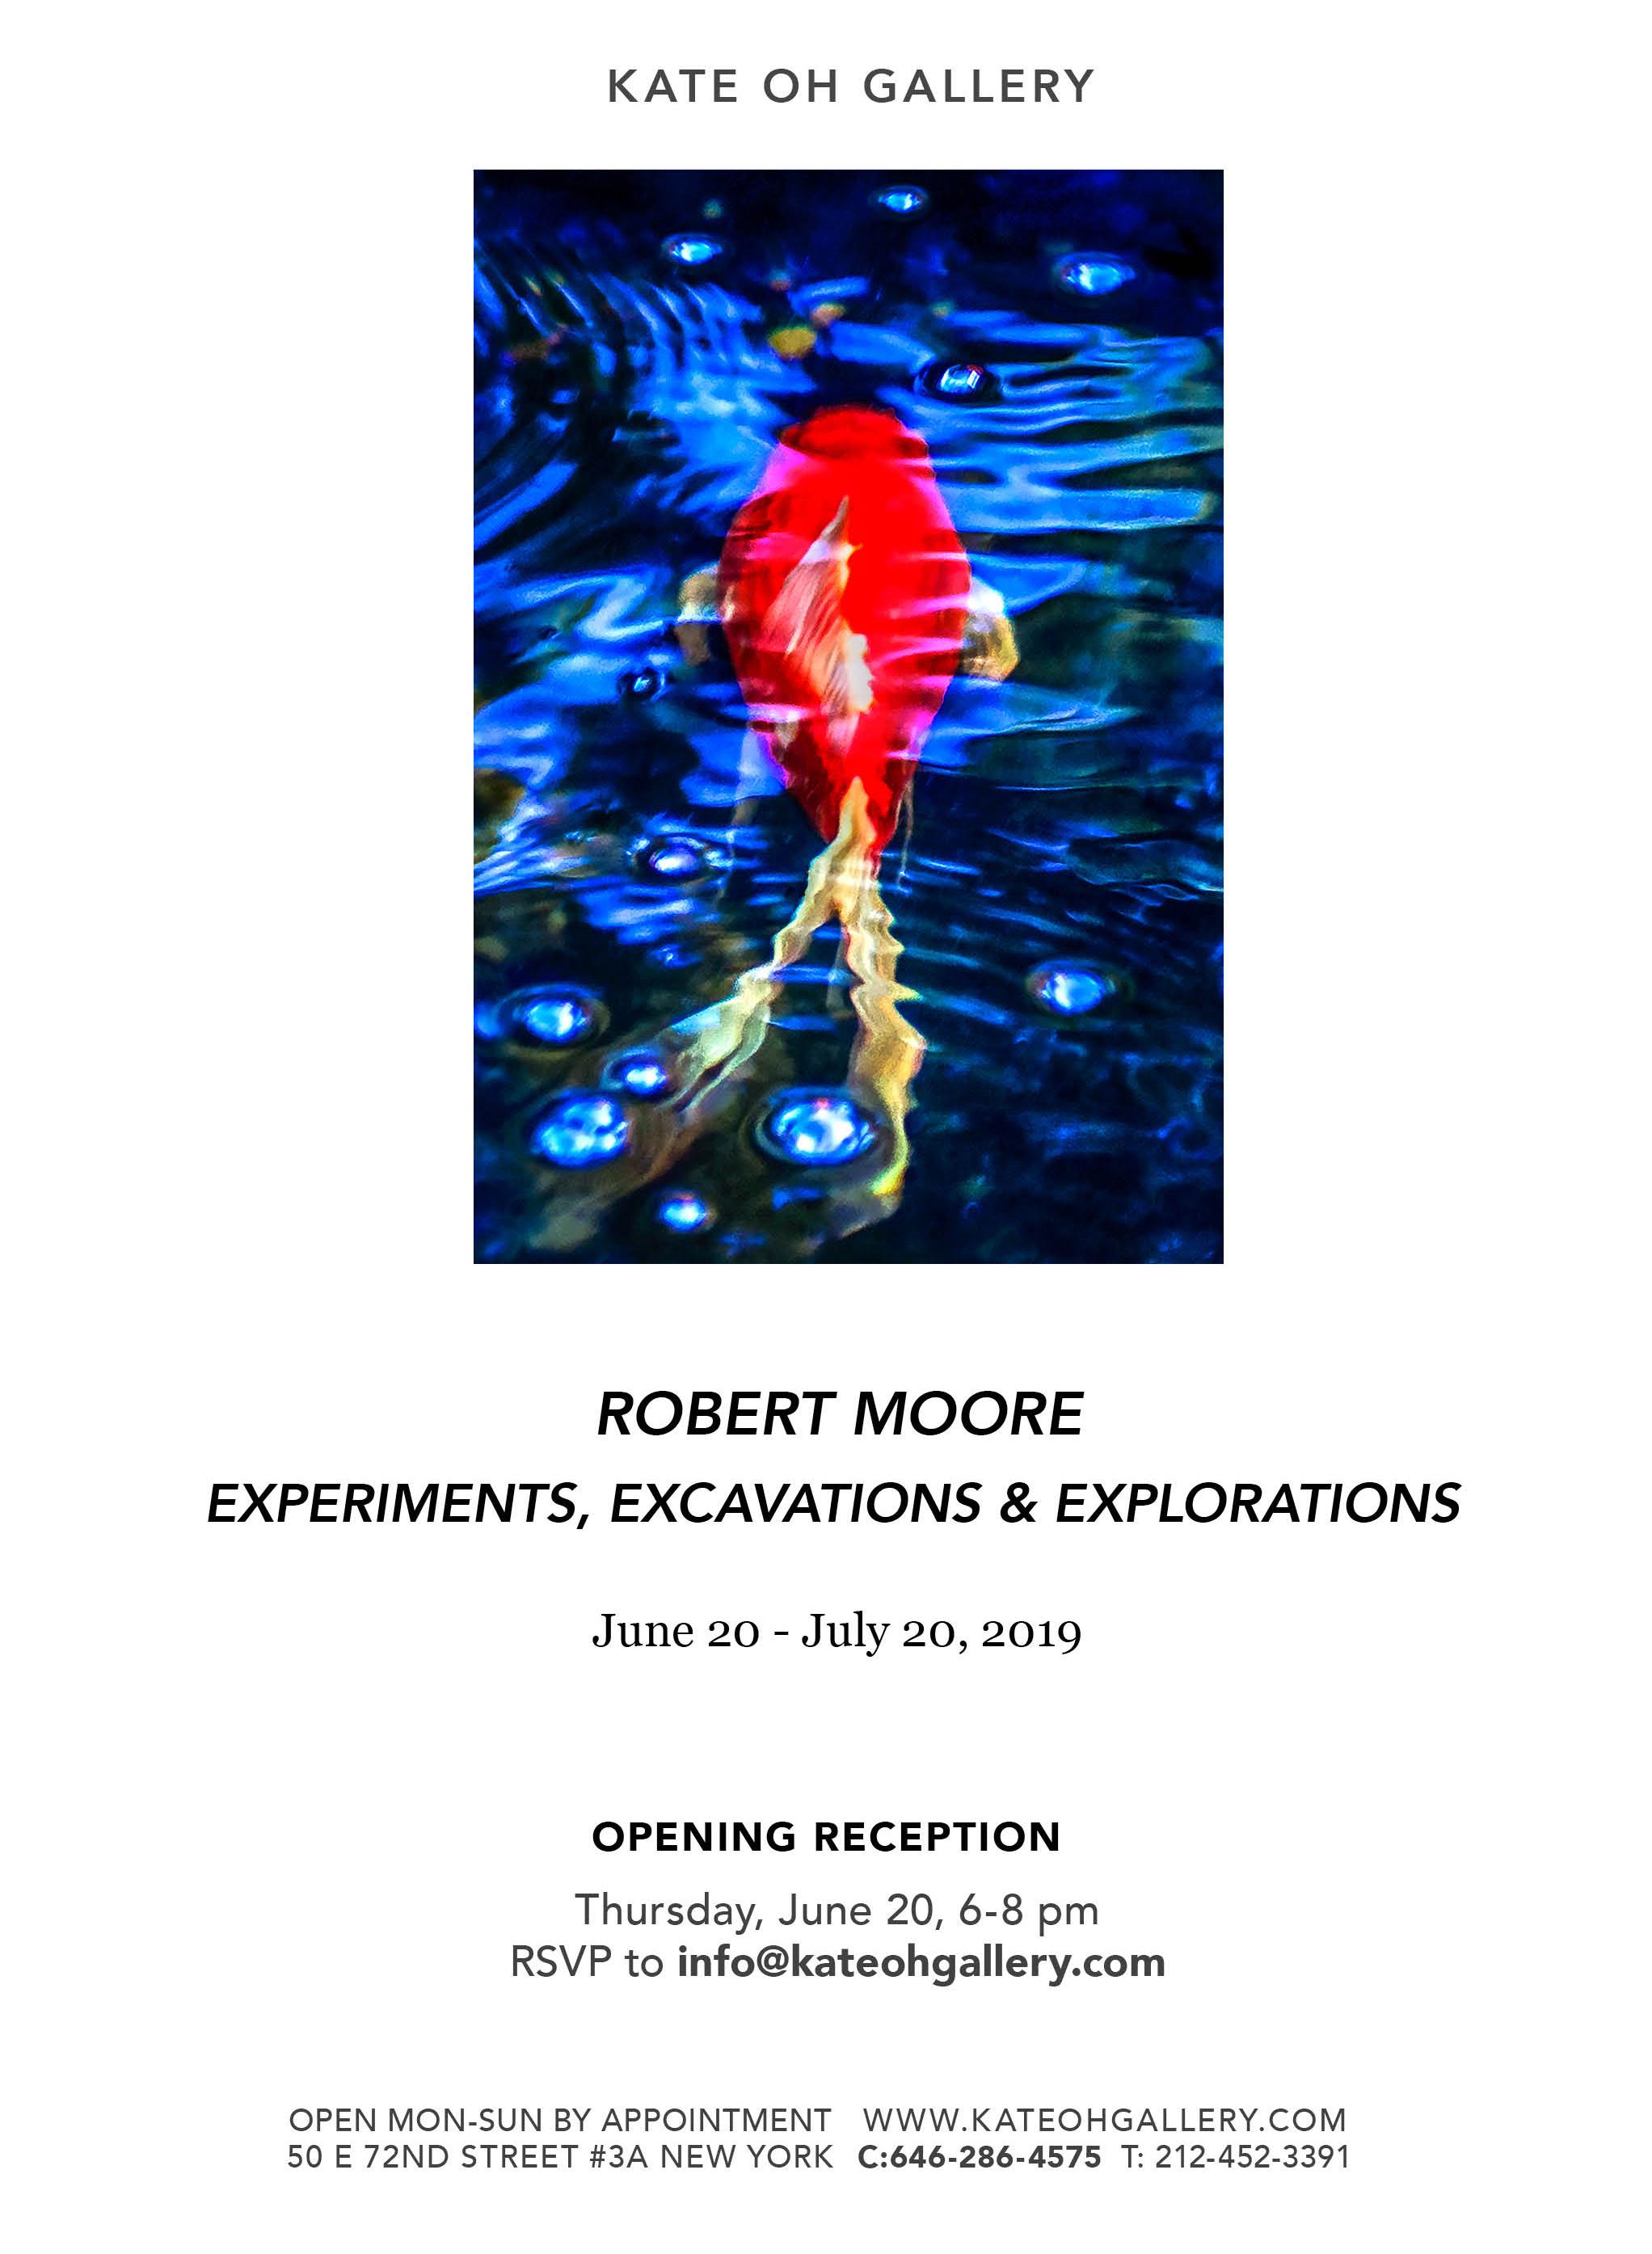 robert moore flyer.jpg